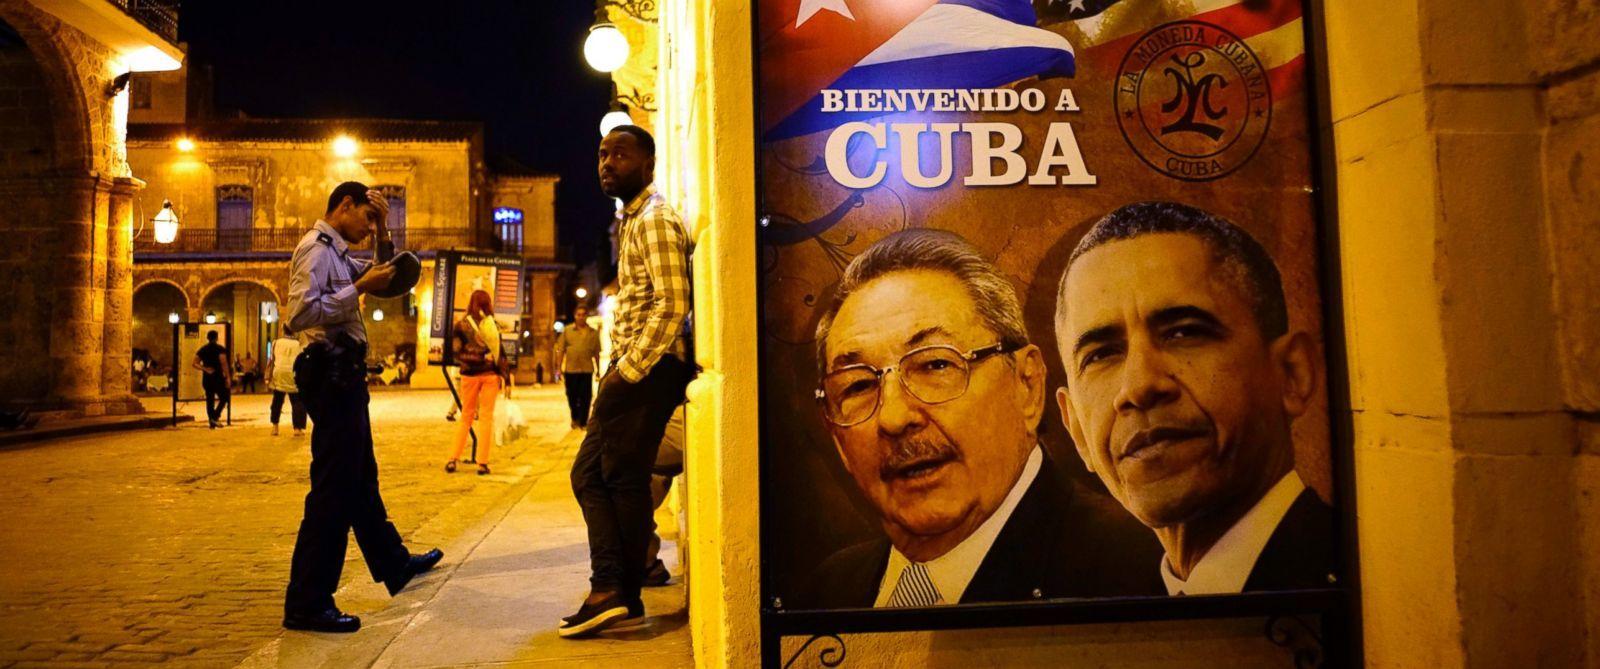 雪解け、キューバとアメリカ_a0057402_01542664.jpg